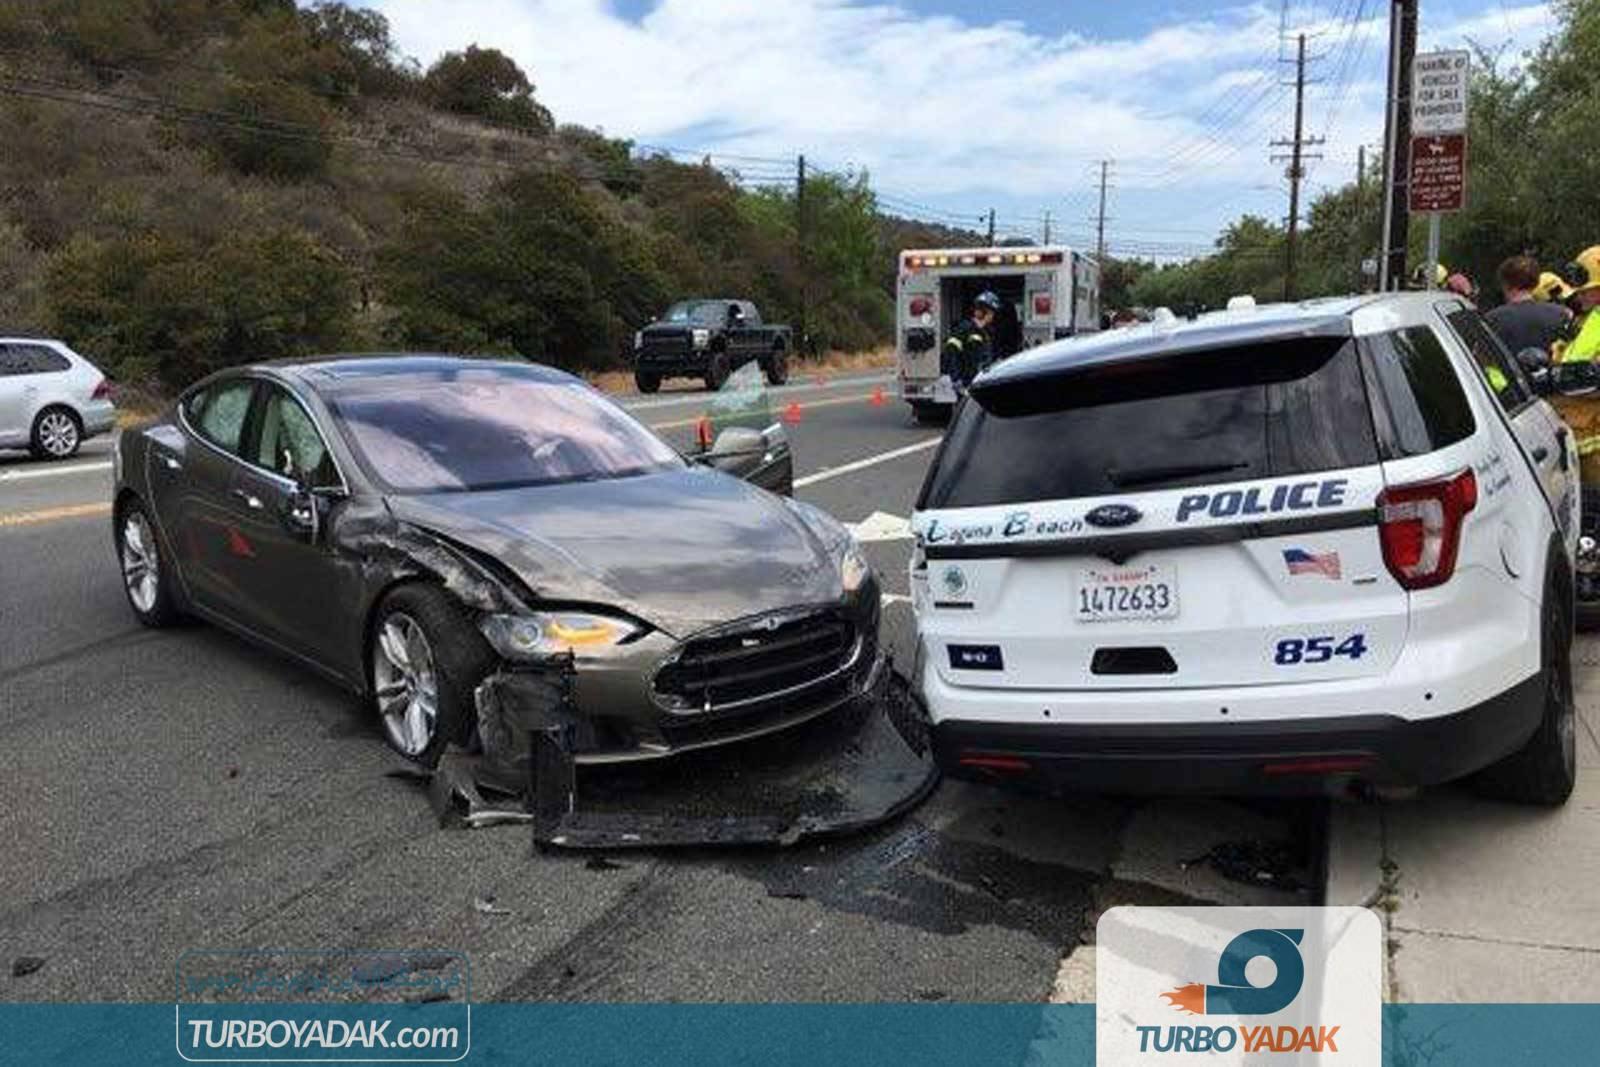 تصادف خودران تسلا با خودروی پلیس